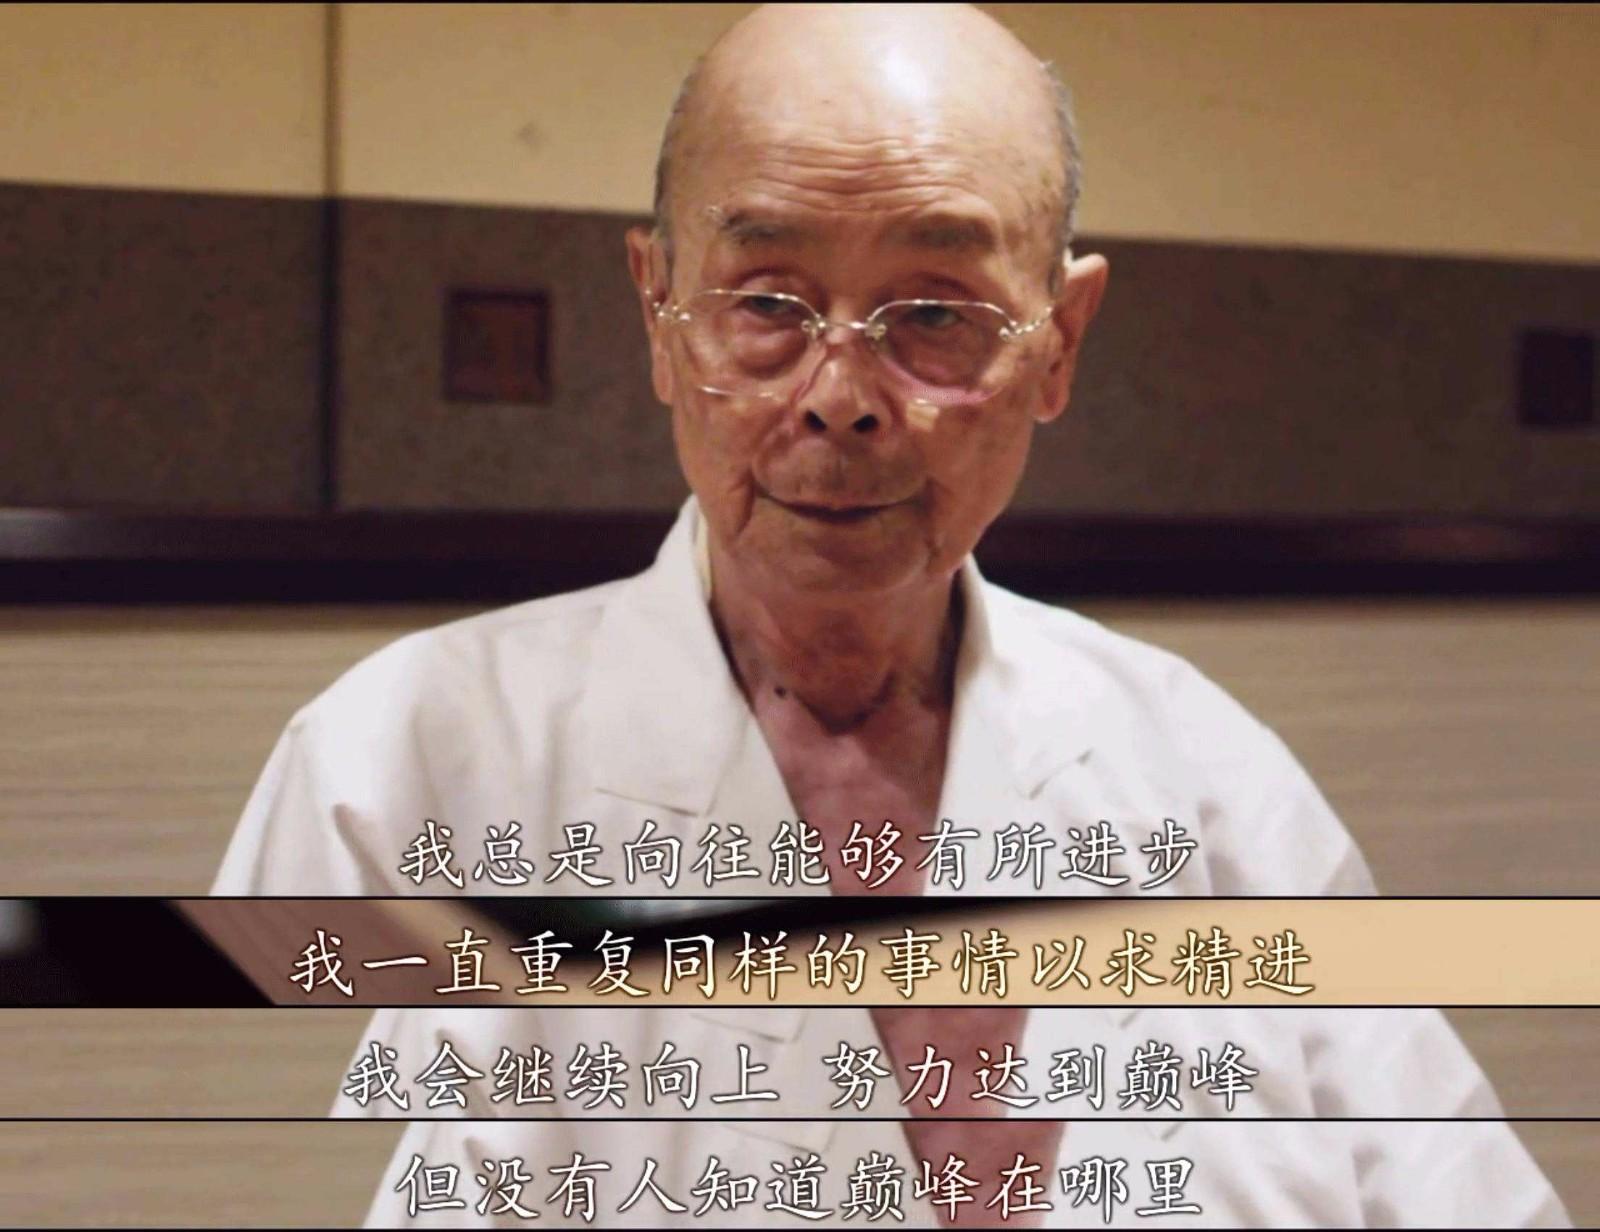 纵美,韩钰萧:从寿司之神看**